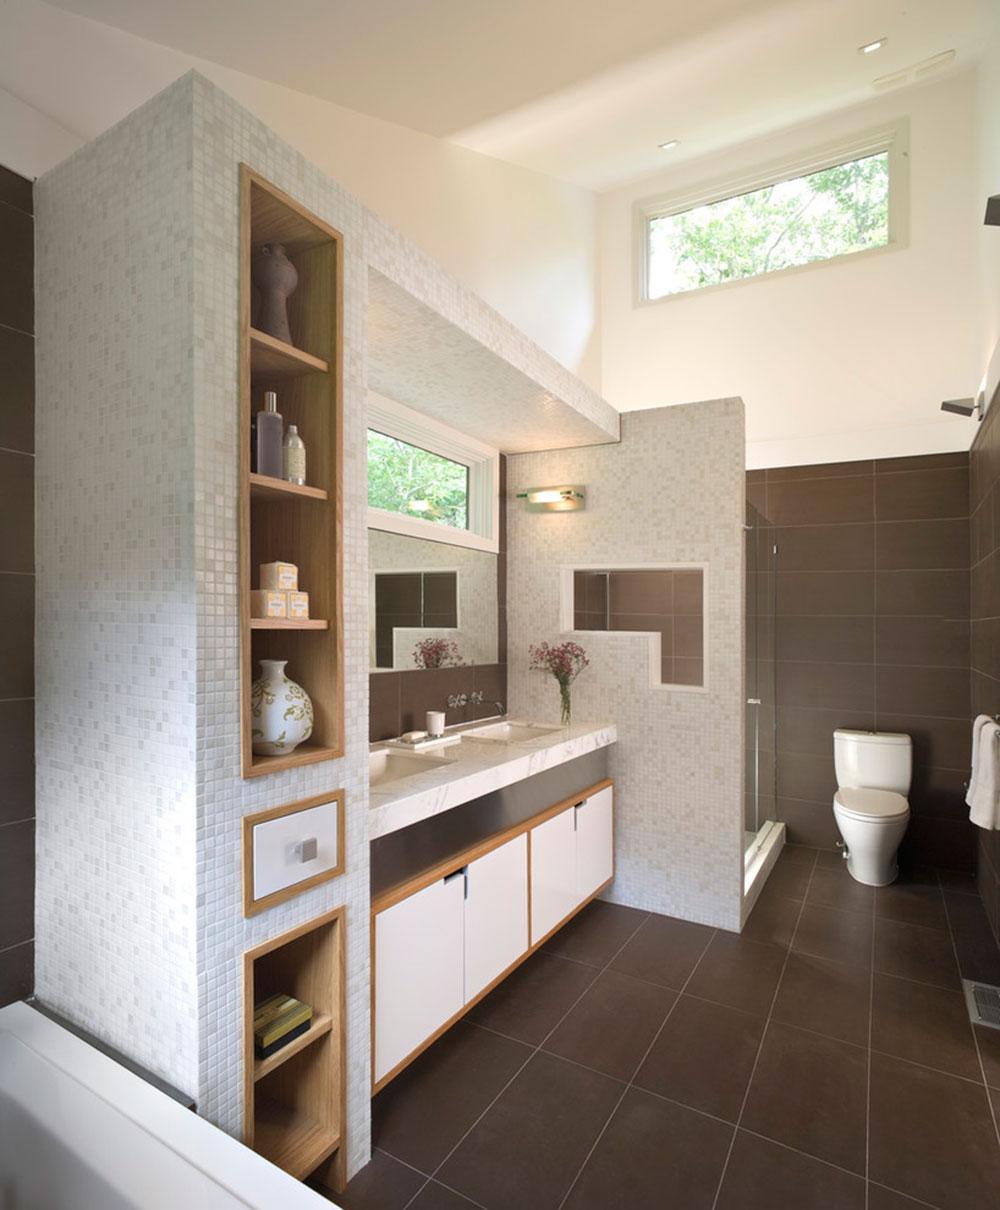 Samtida-inredning-design-element-som-ett-hus-behov1 Samtida inredning-design-element som ett hus behöver